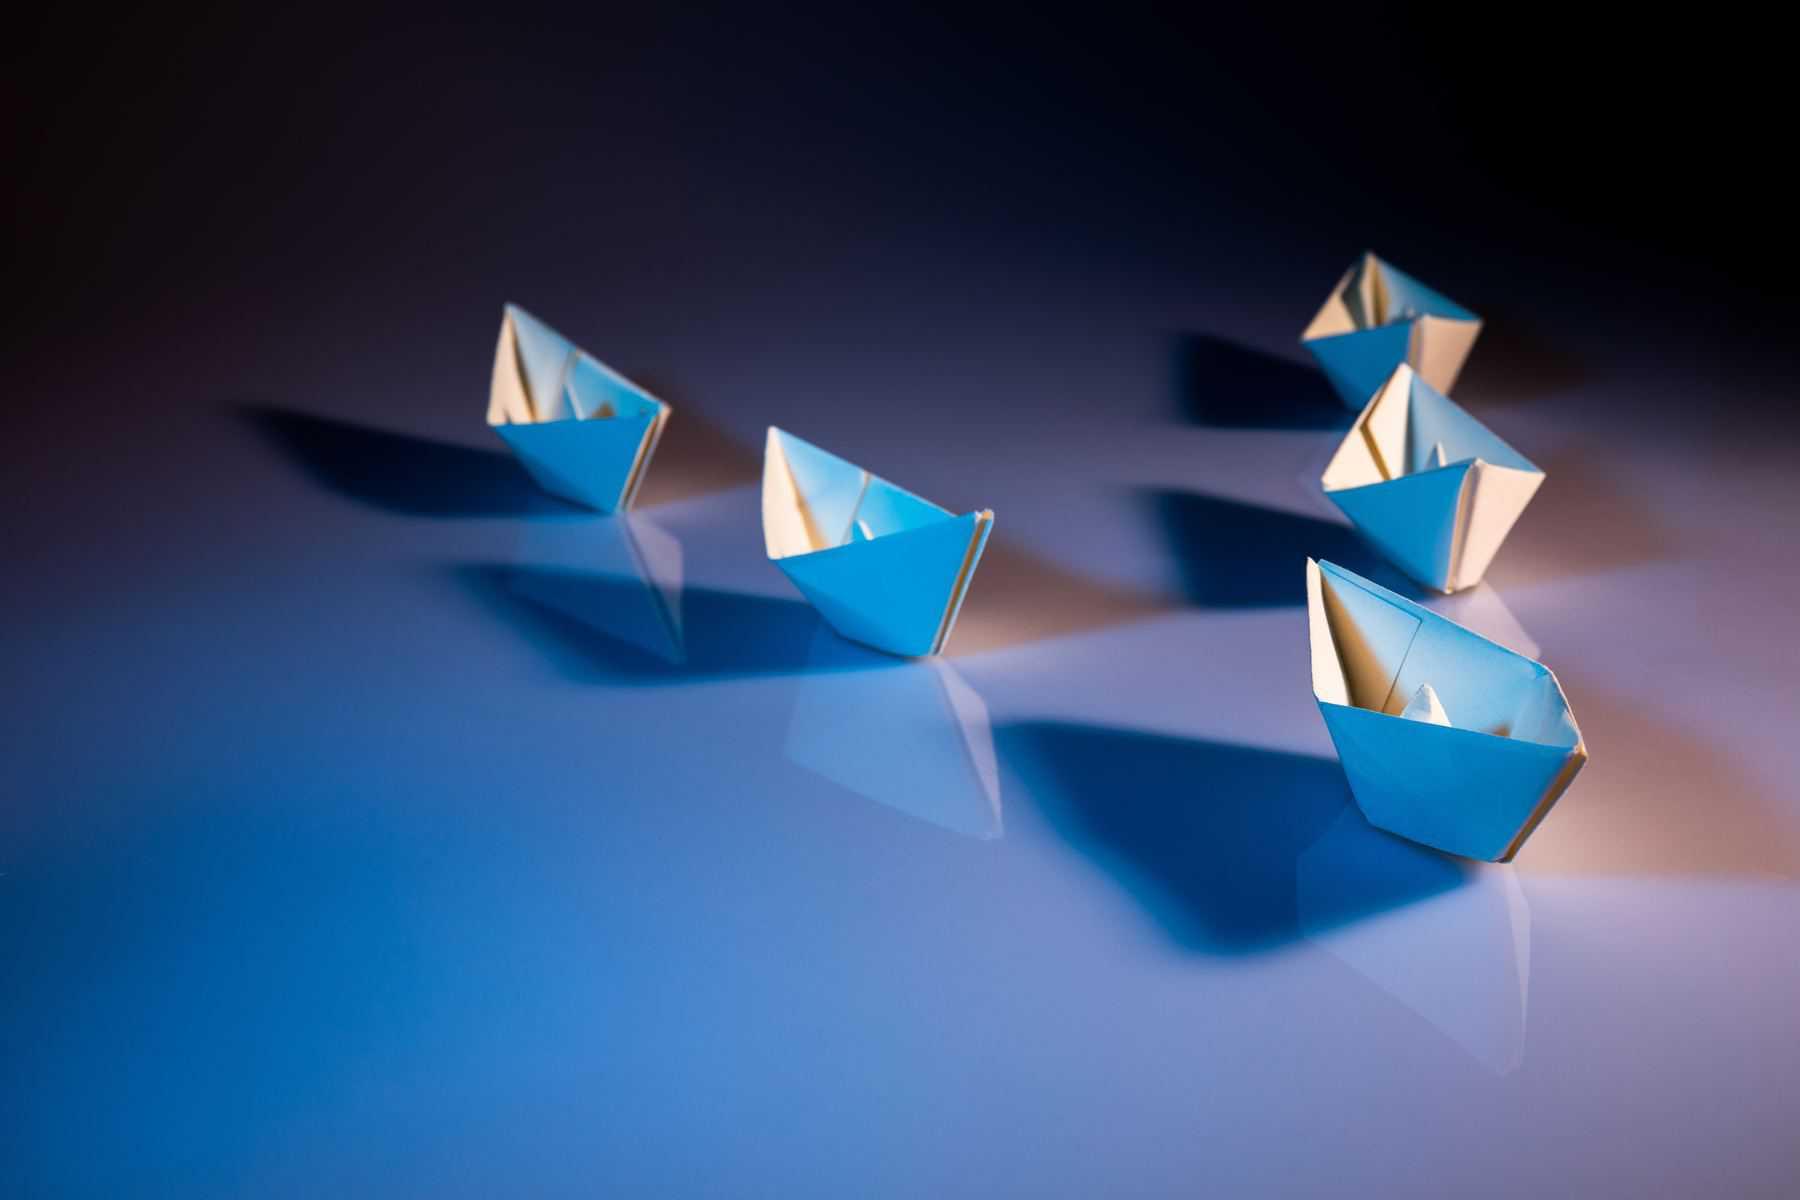 10 แนวคิดเสริมสร้างภาวะผู้นำ (อยากนำต้องอ่าน)